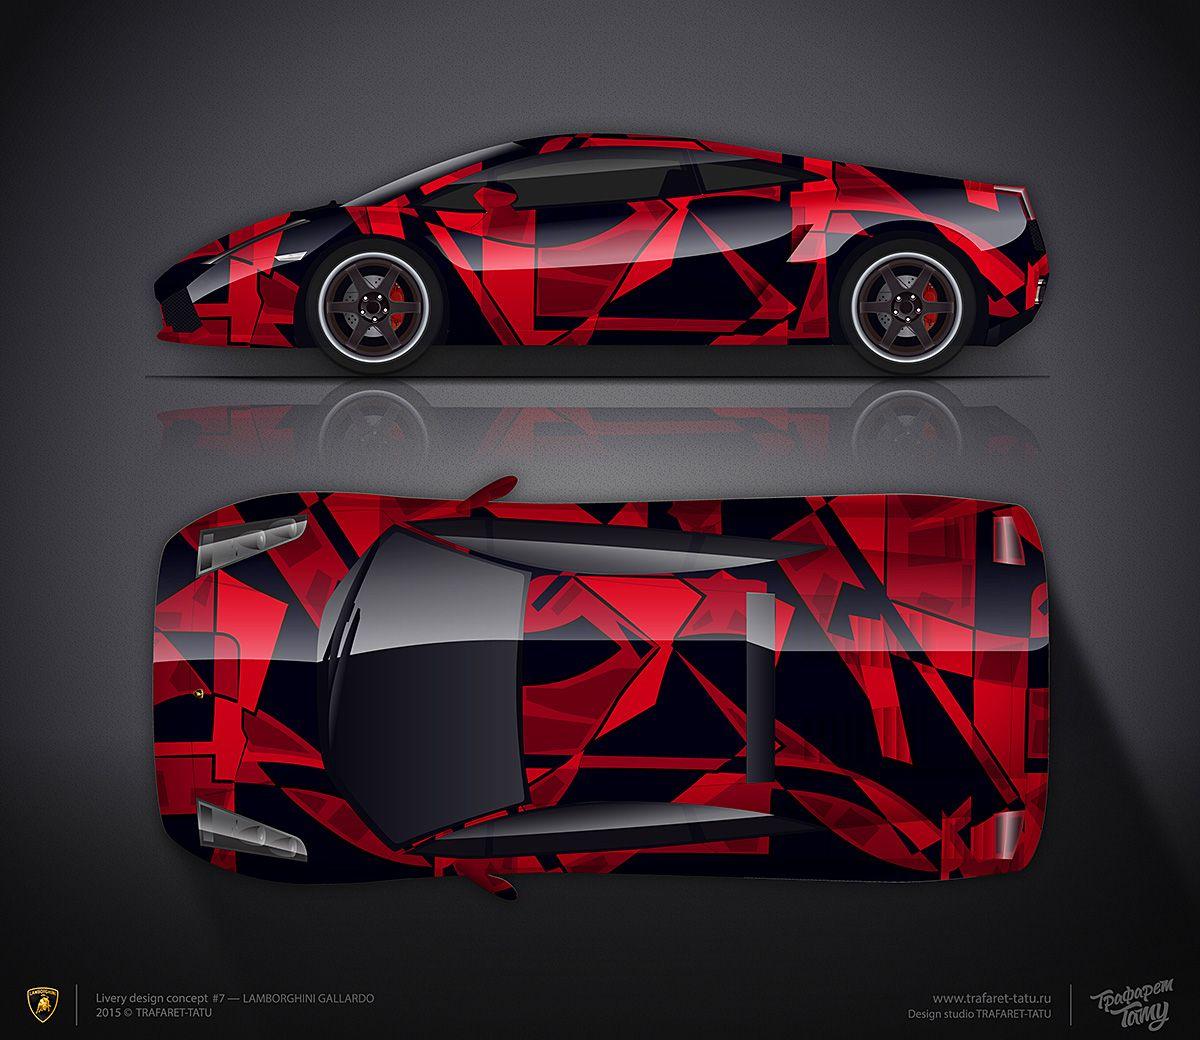 Design Consept #7 Lamborghini Gallardo For Sale